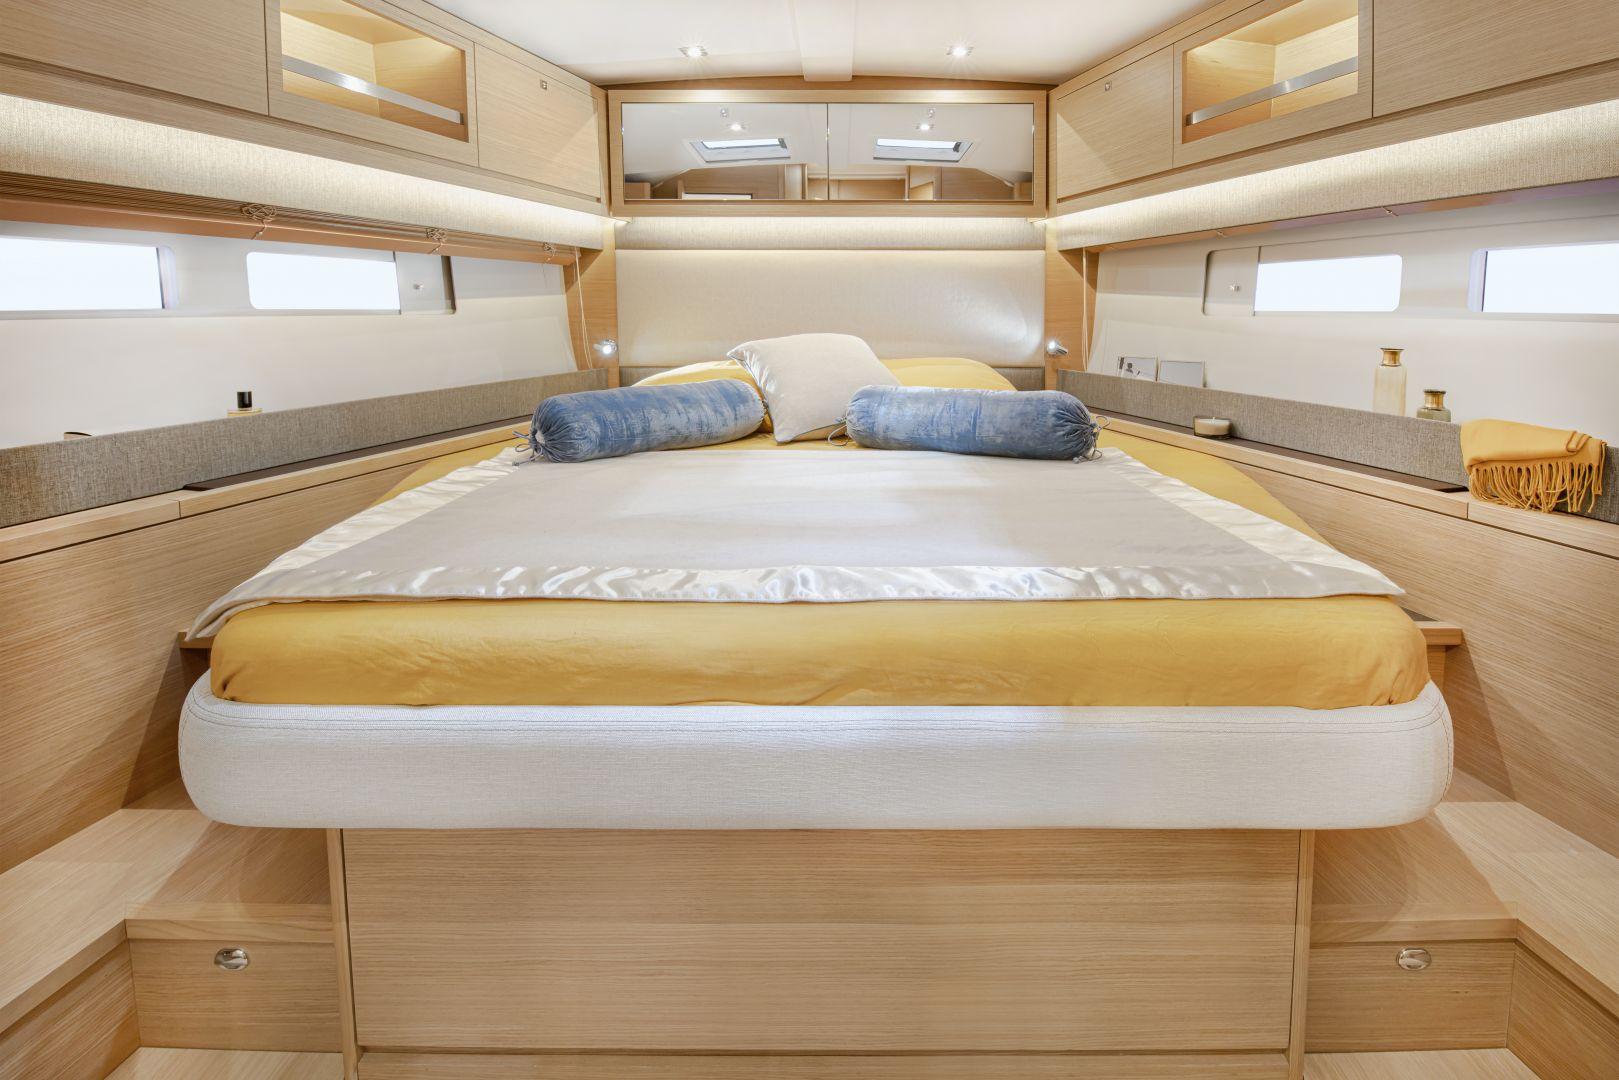 Dufour 530 bedroom